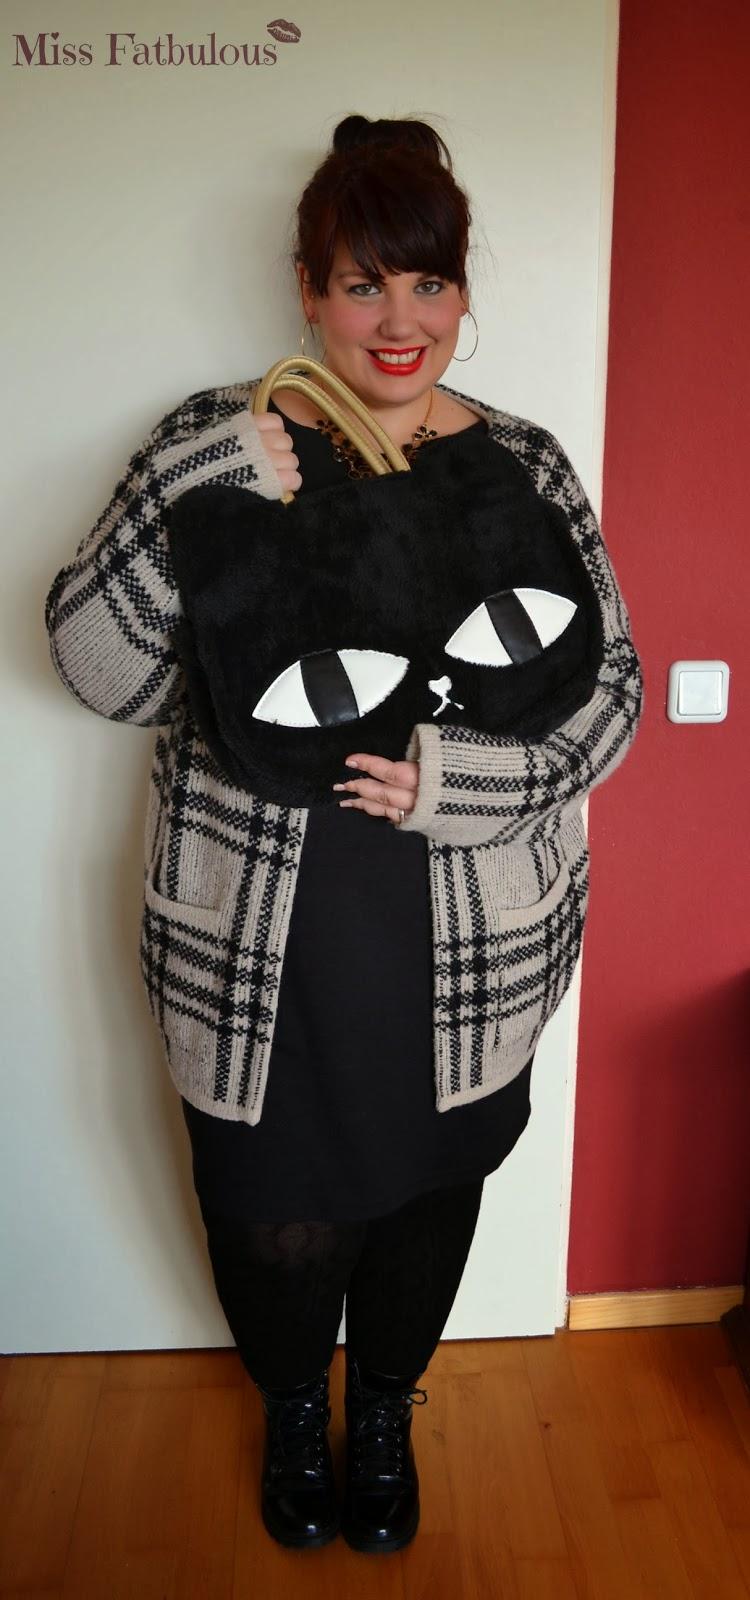 Blog Lieblinge Unfancy: Miss Fatbulous Plus Size Blog: Ootd: Lieblinge Des Monats